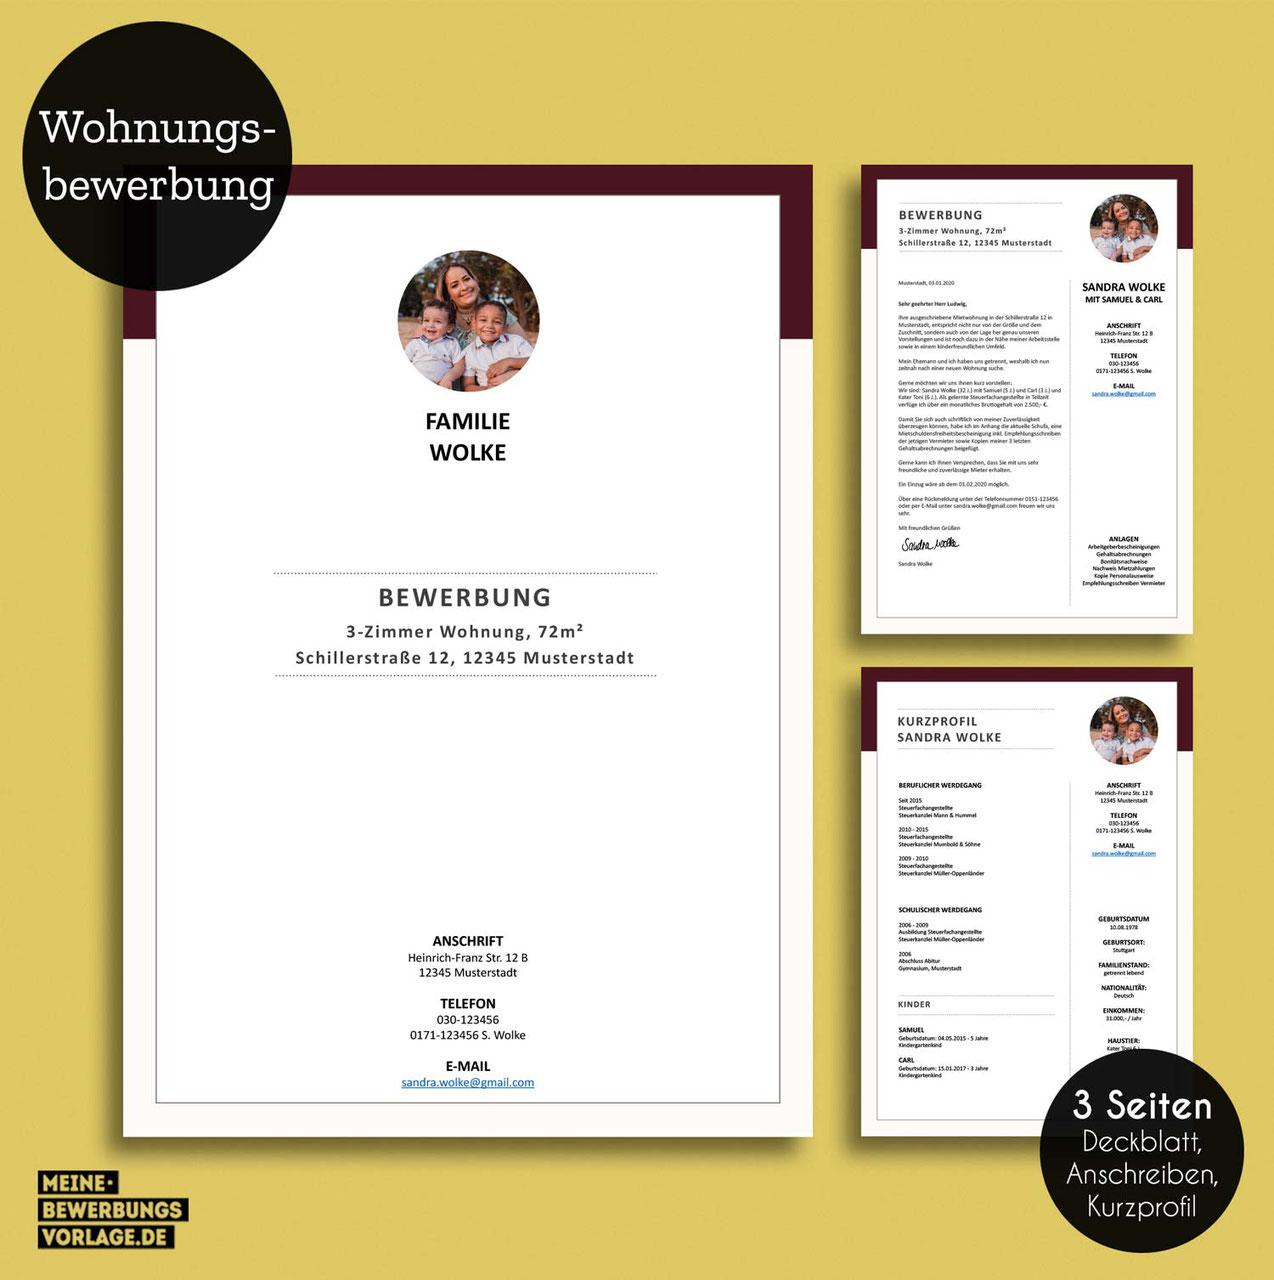 Wohnung bewerbungsschreiben Musteranschreiben für